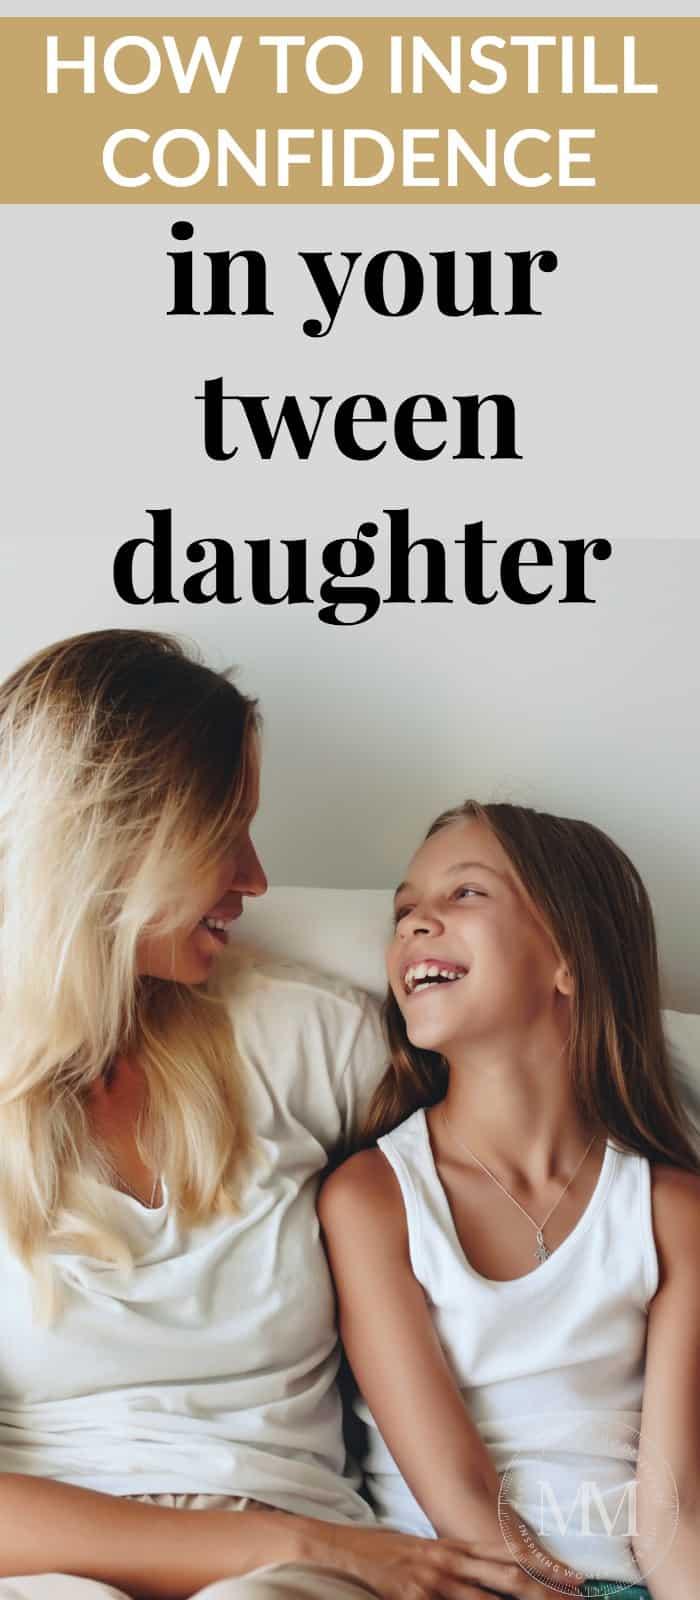 how to instill confidence in your tween daughter.